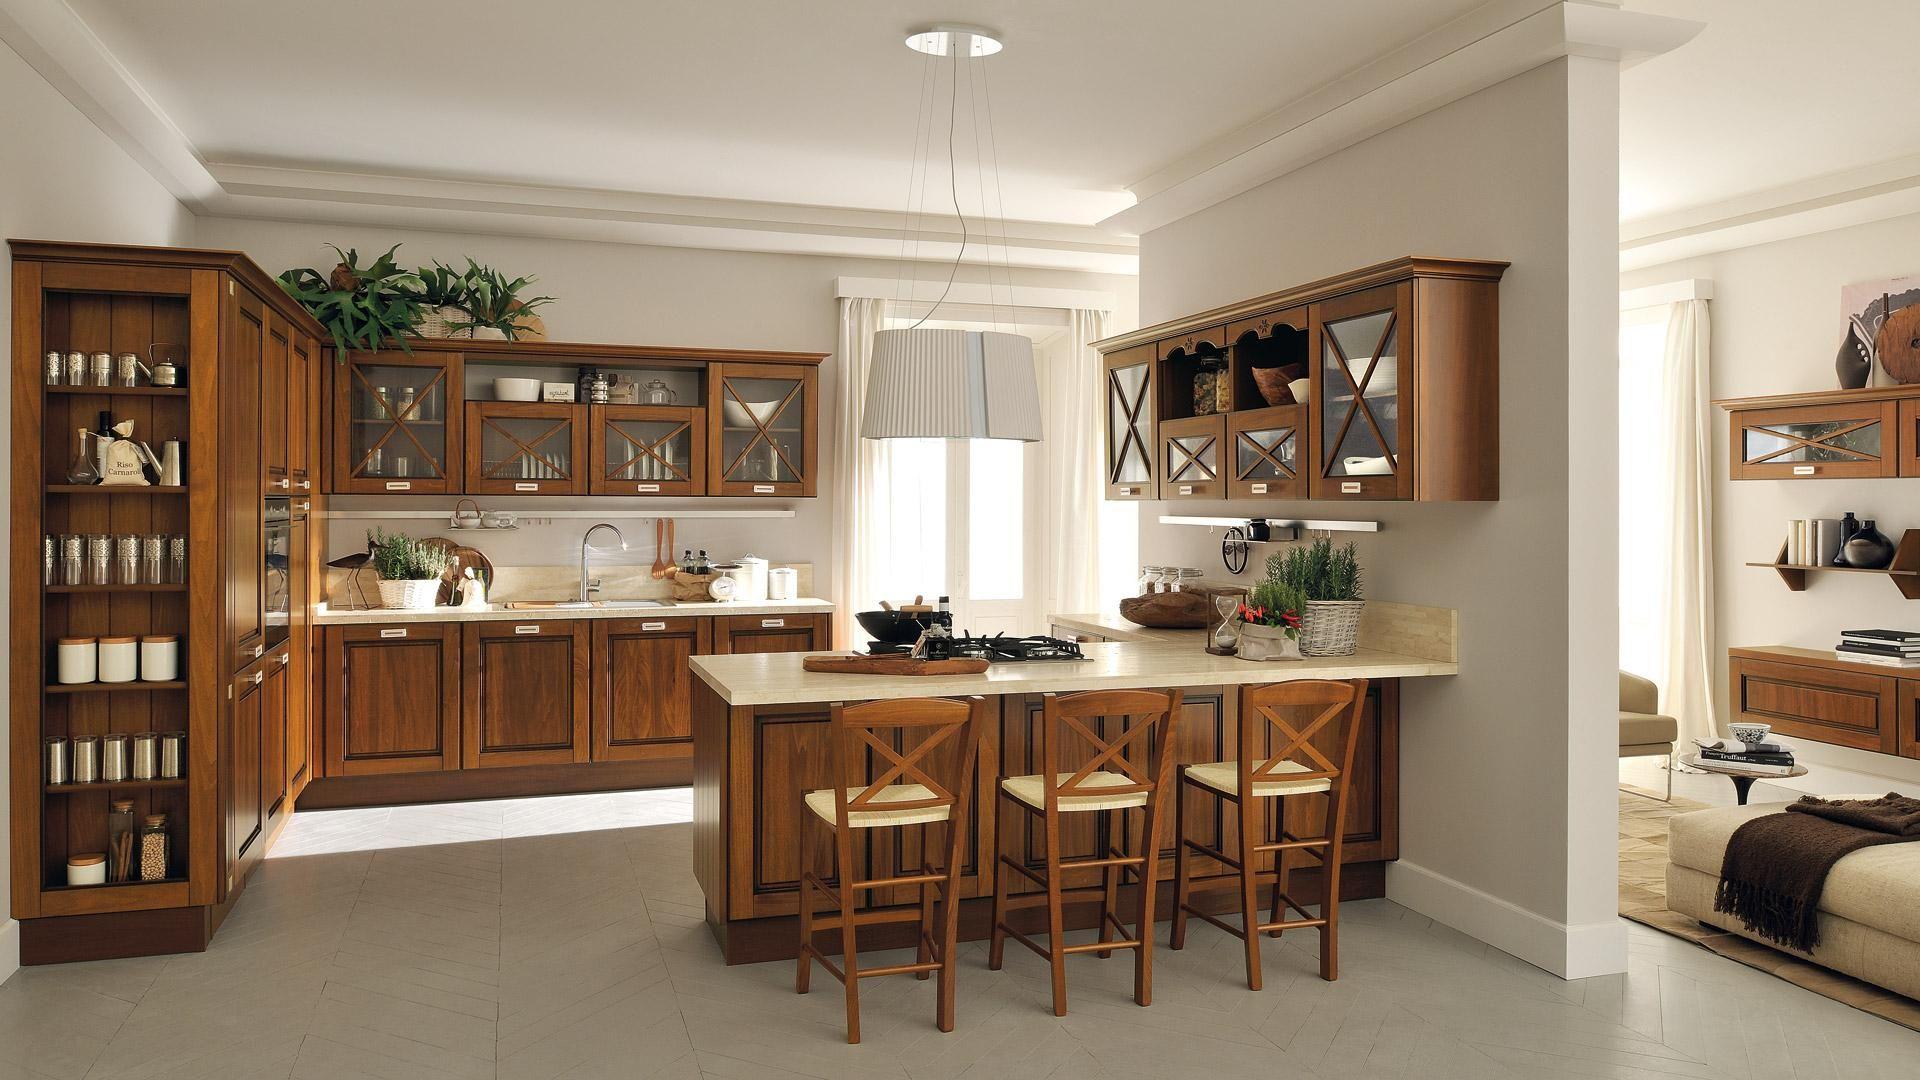 Agnese - Cucine Classiche - Cucine Lube | cucina nel 2019 | Cucine ...